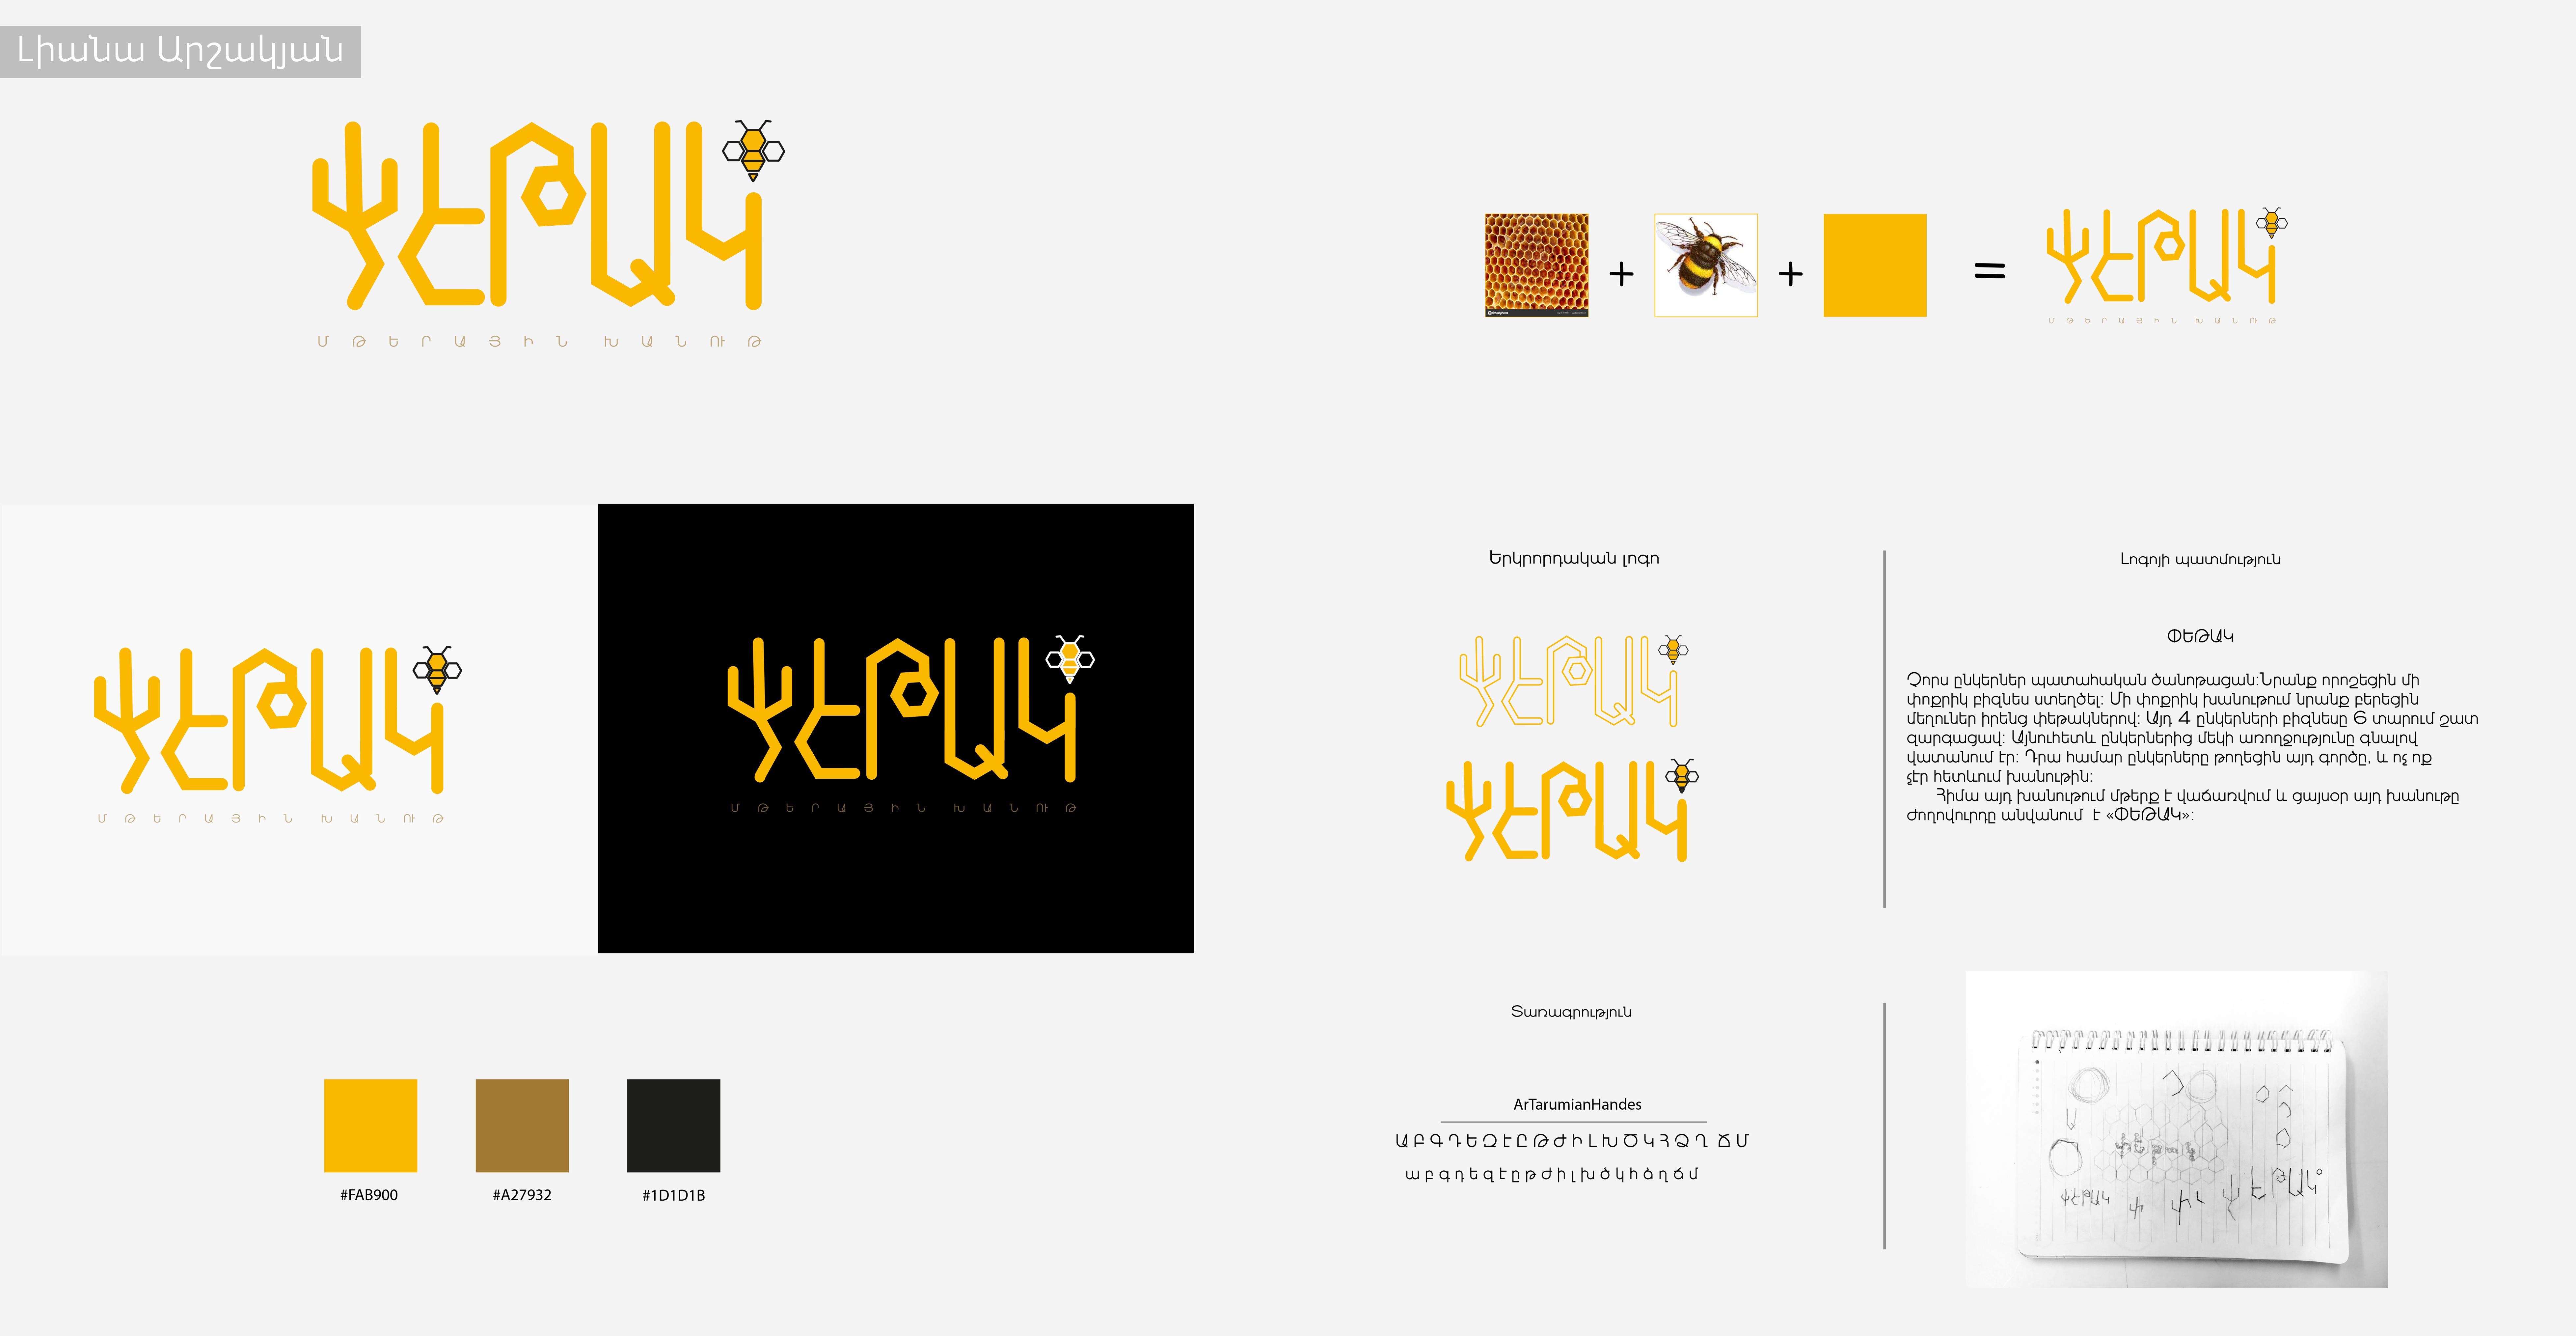 liana arshakyan - Գրաֆիկական դիզայն